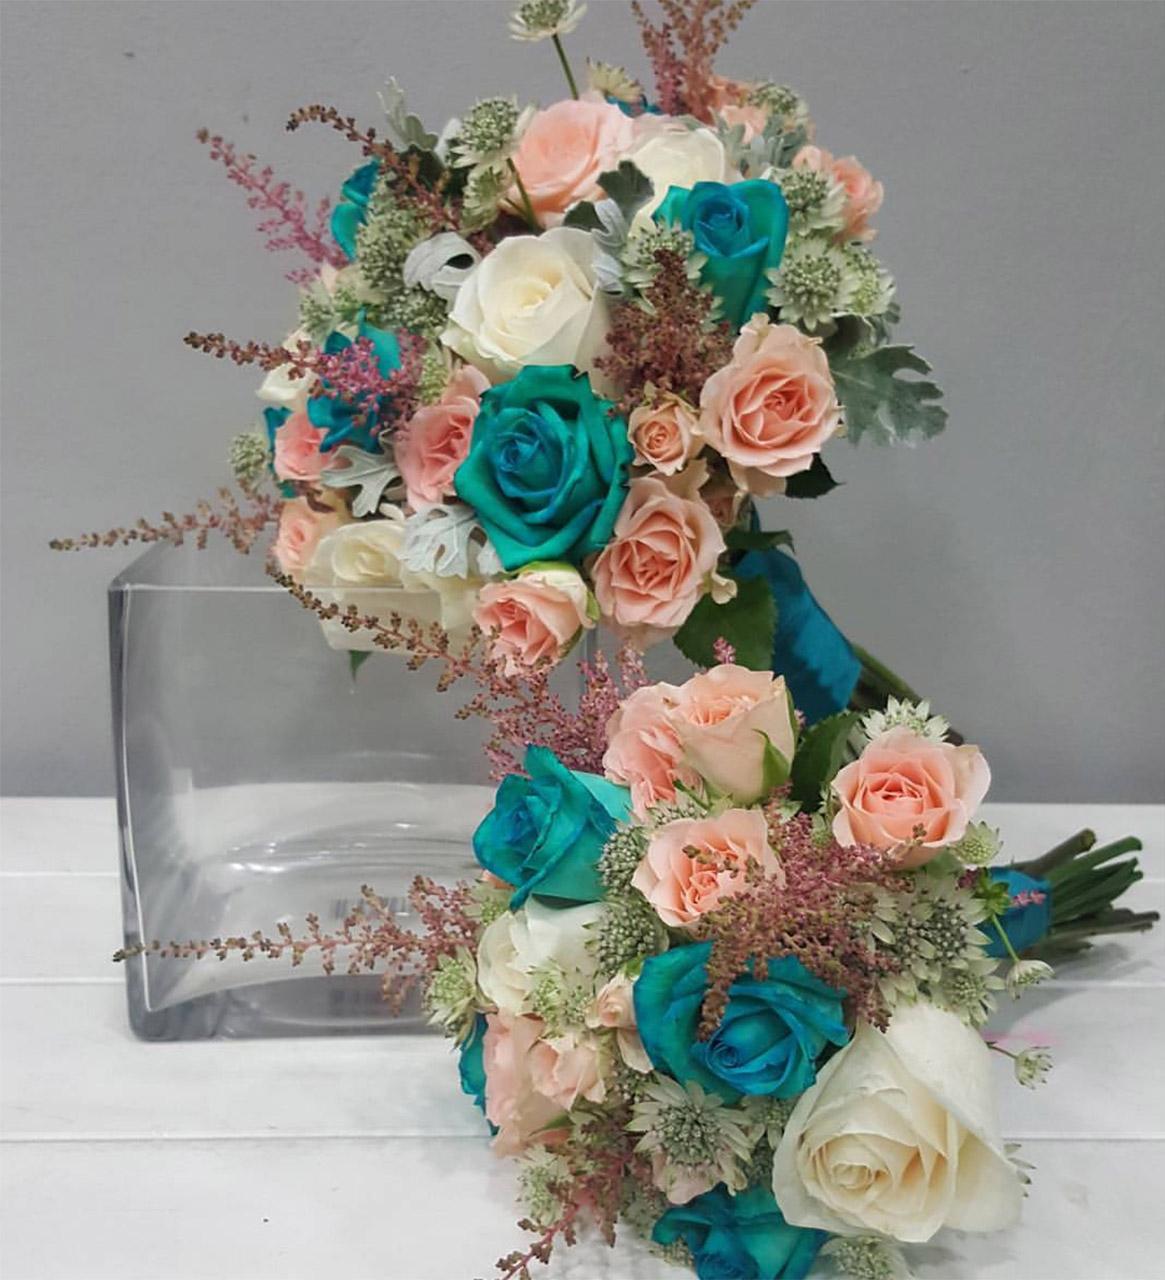 Ramos de Novia · Decoración Floral de Bodas · Floristería Los Santos Niños · Alcalá de Henares · Madrid